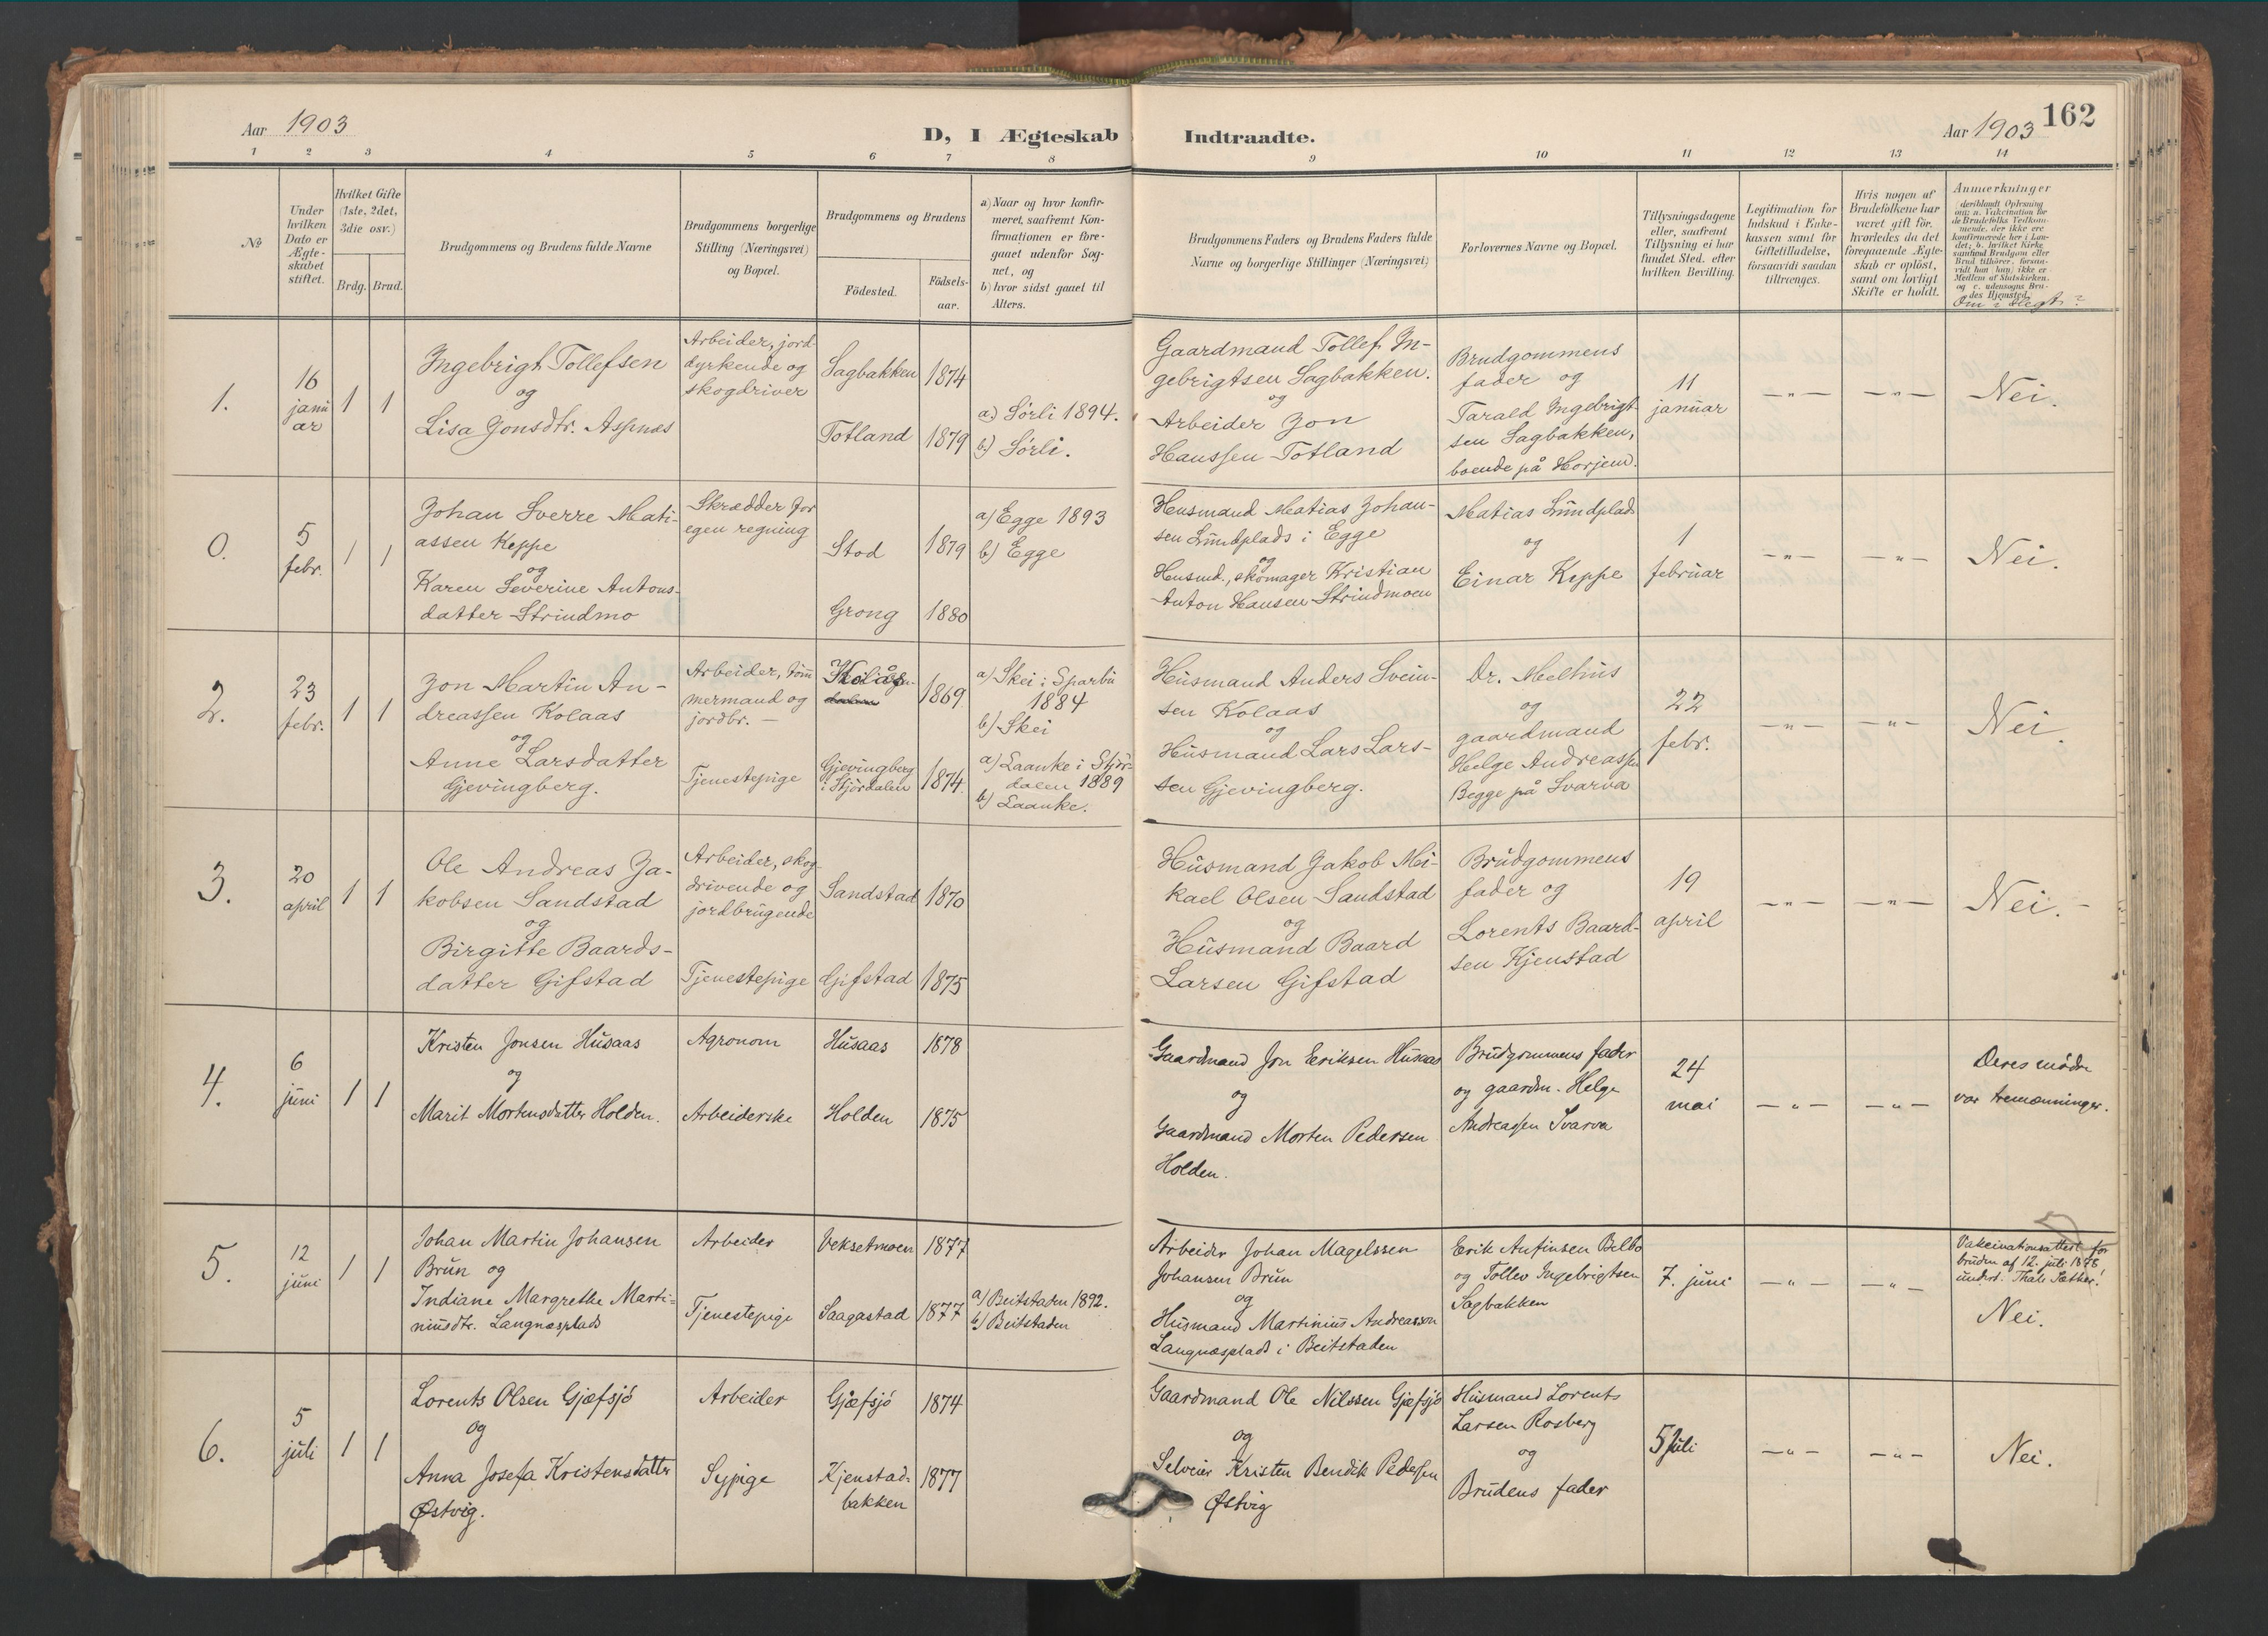 SAT, Ministerialprotokoller, klokkerbøker og fødselsregistre - Nord-Trøndelag, 749/L0477: Ministerialbok nr. 749A11, 1902-1927, s. 162